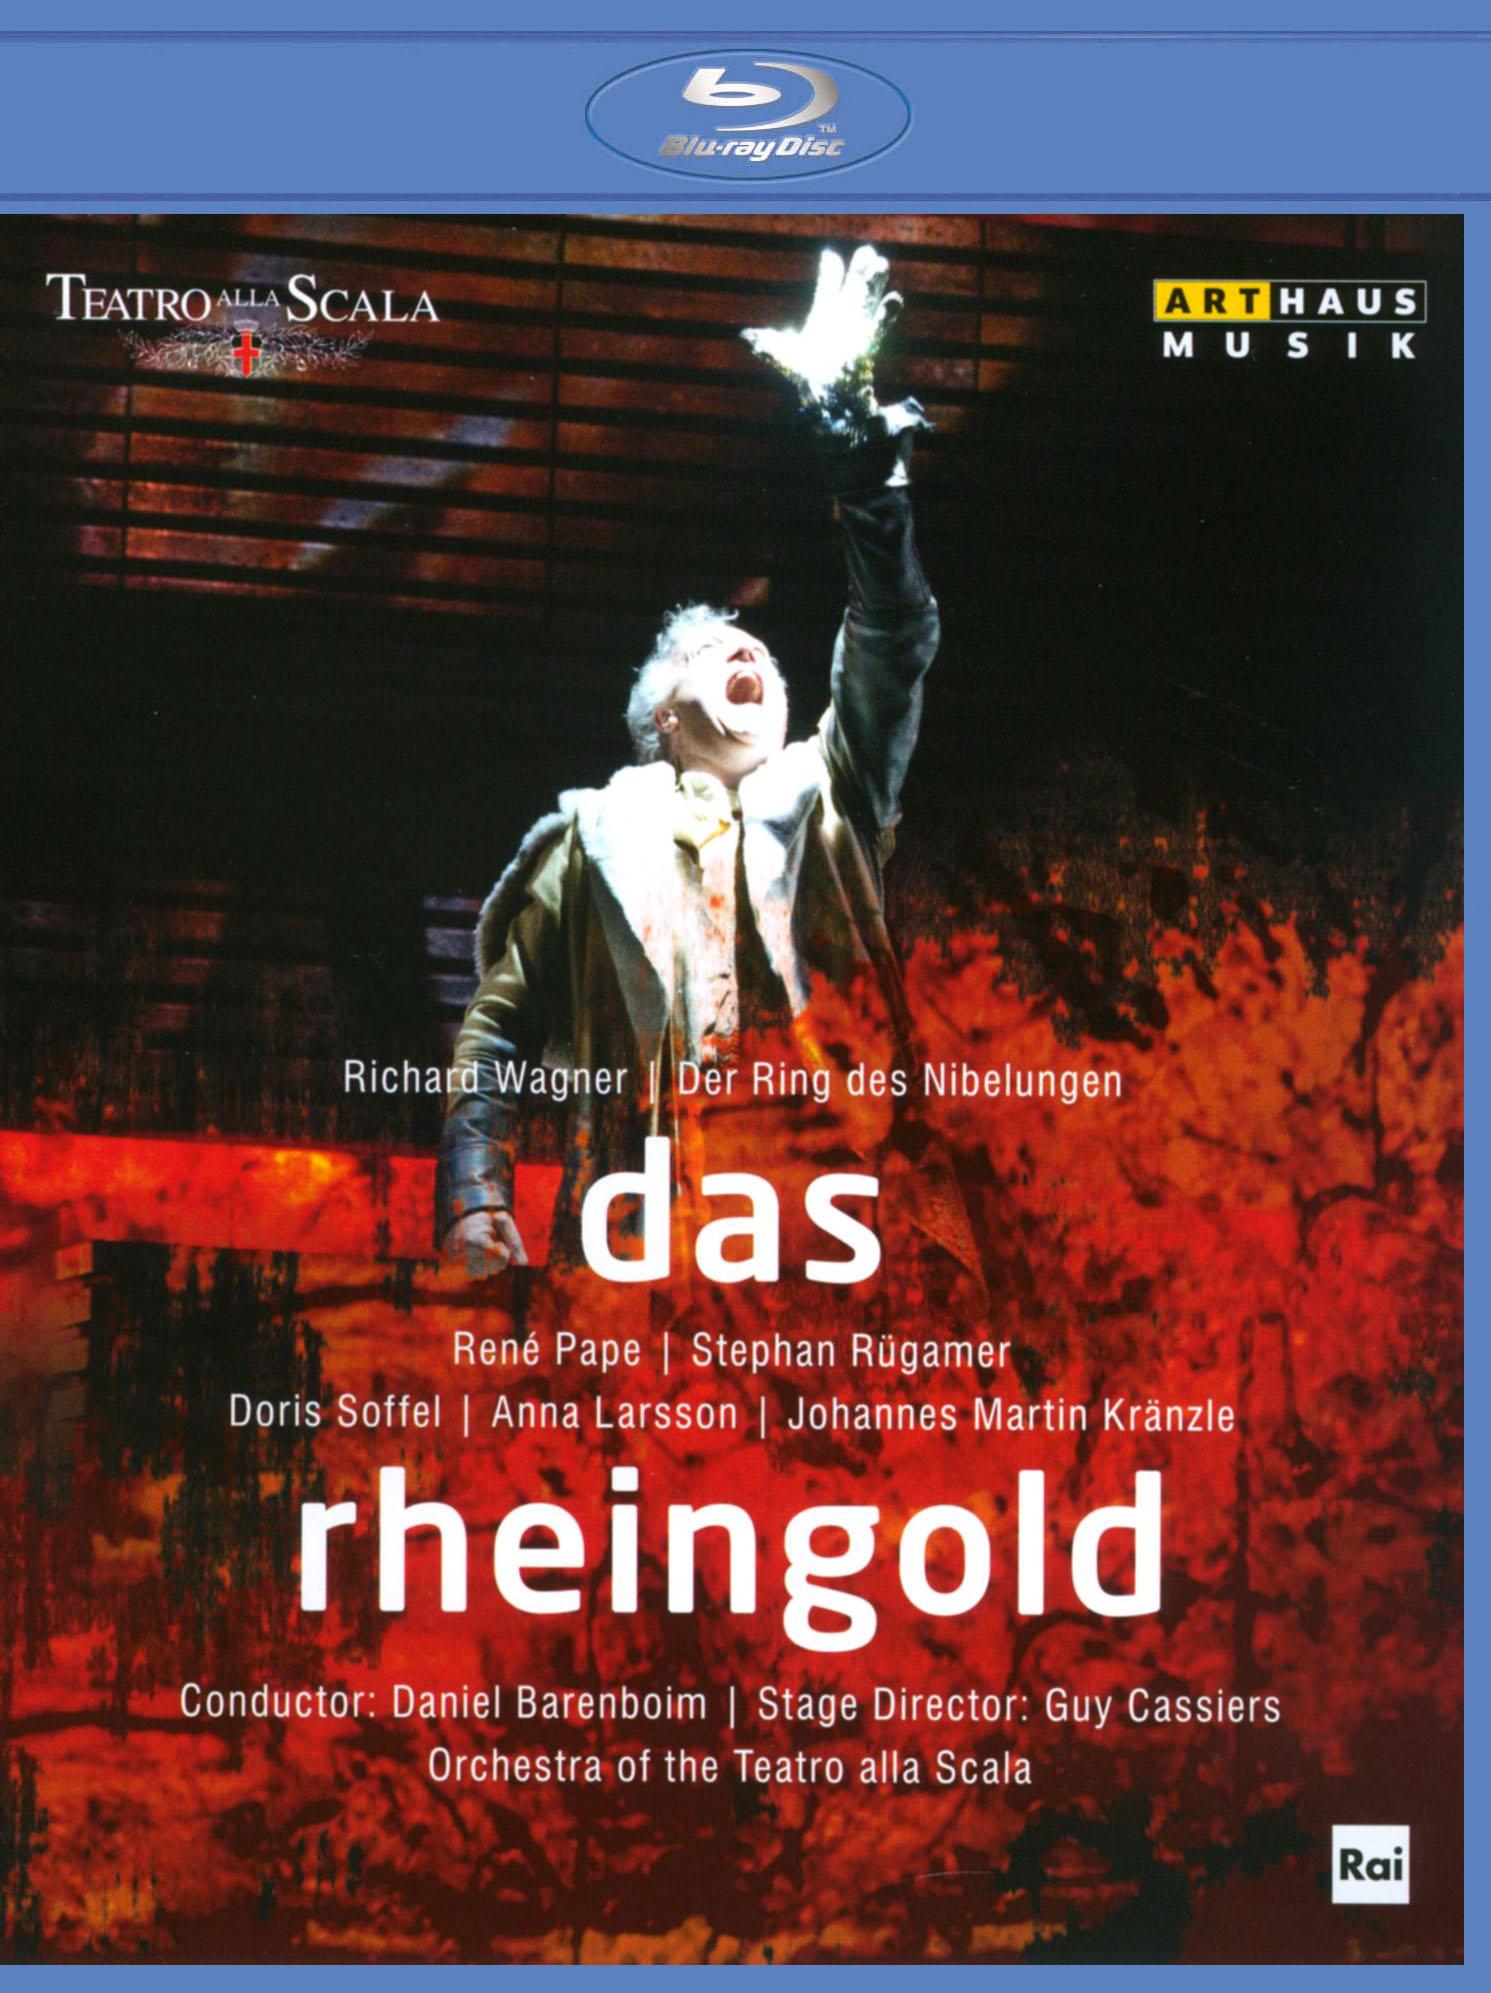 Das Rheingold (Teatro alla Scala)